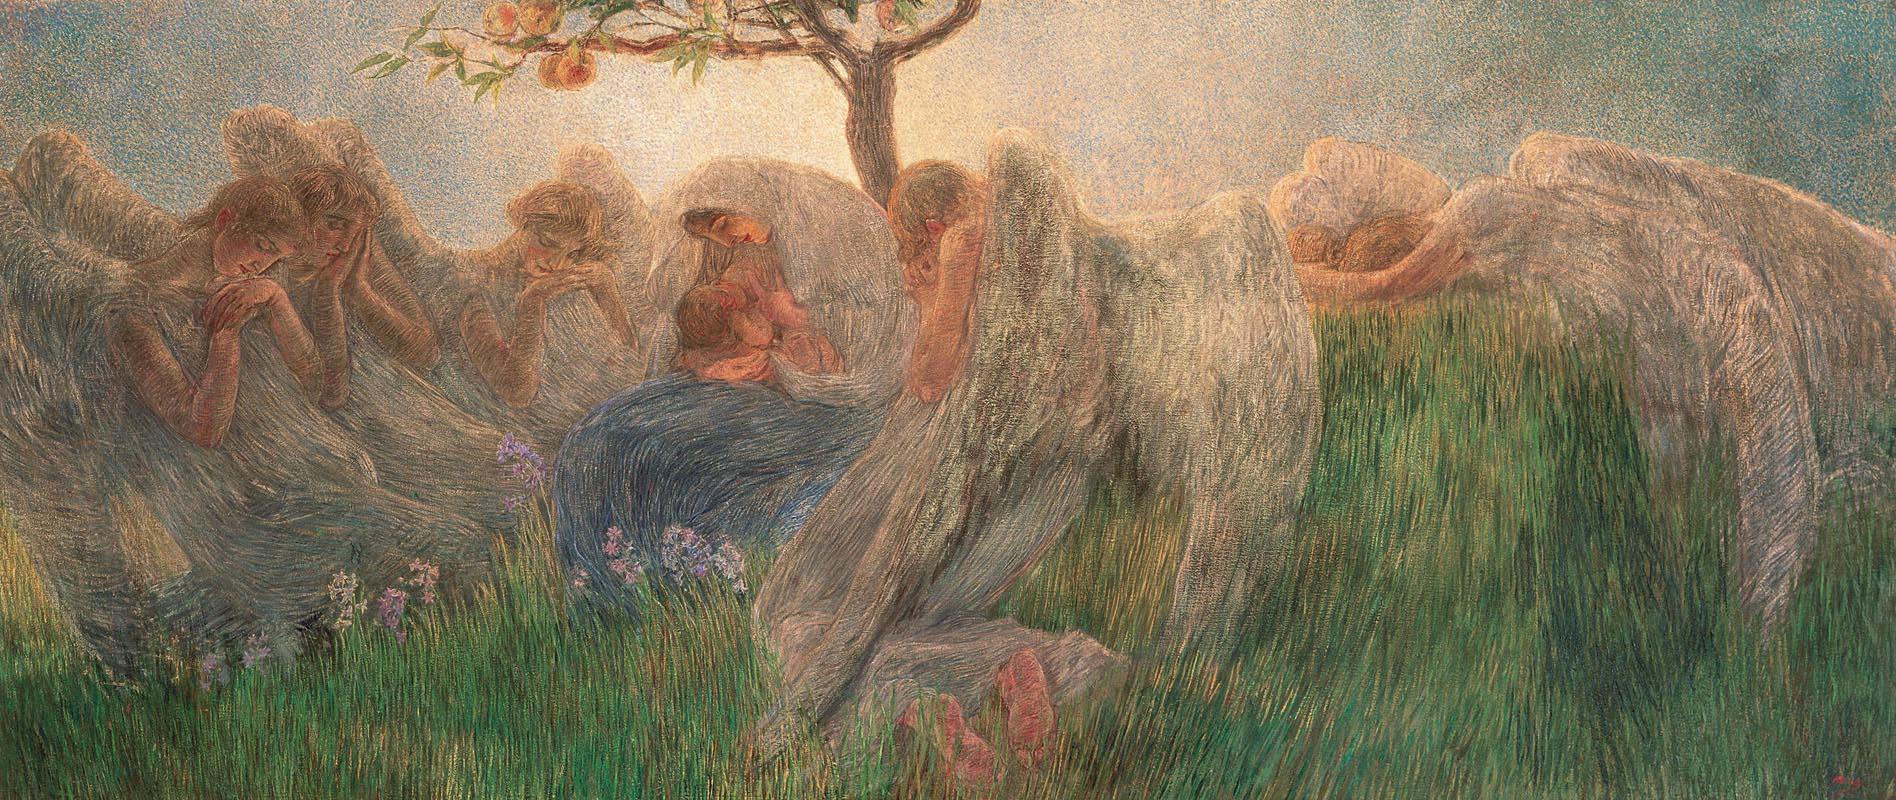 9. Previati - Maternità (1)